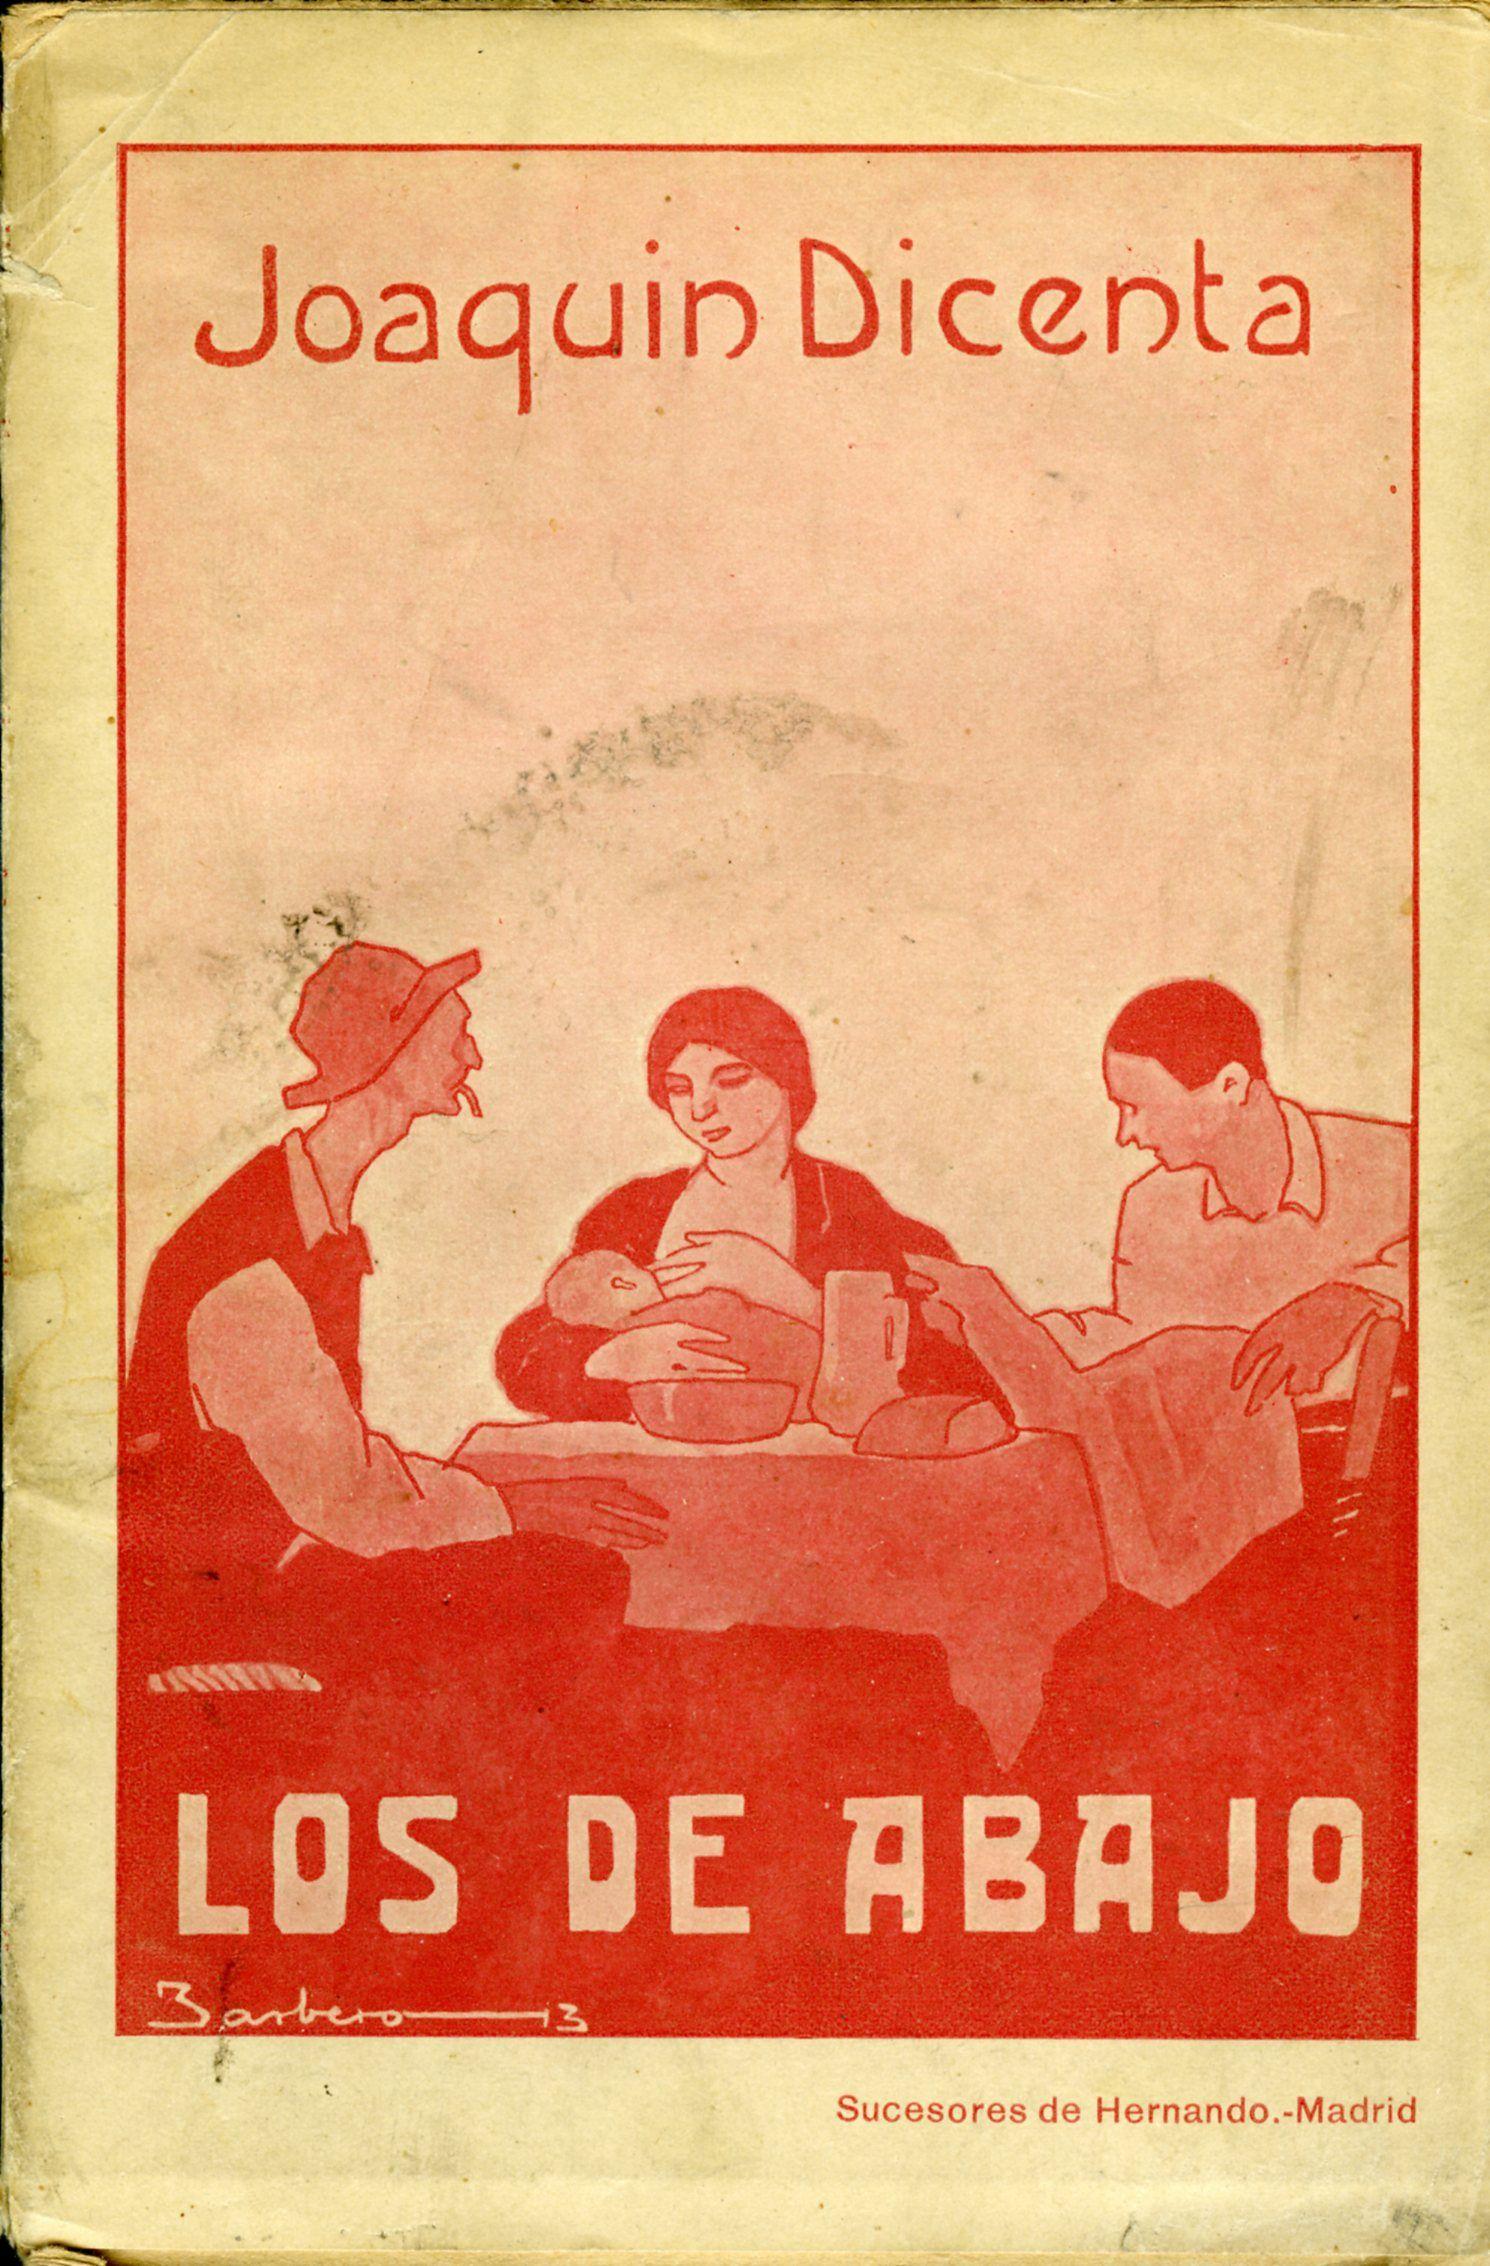 Obra de Dicenta | https://javierbarreiro.wordpress.com/category/bohemia-espanola/